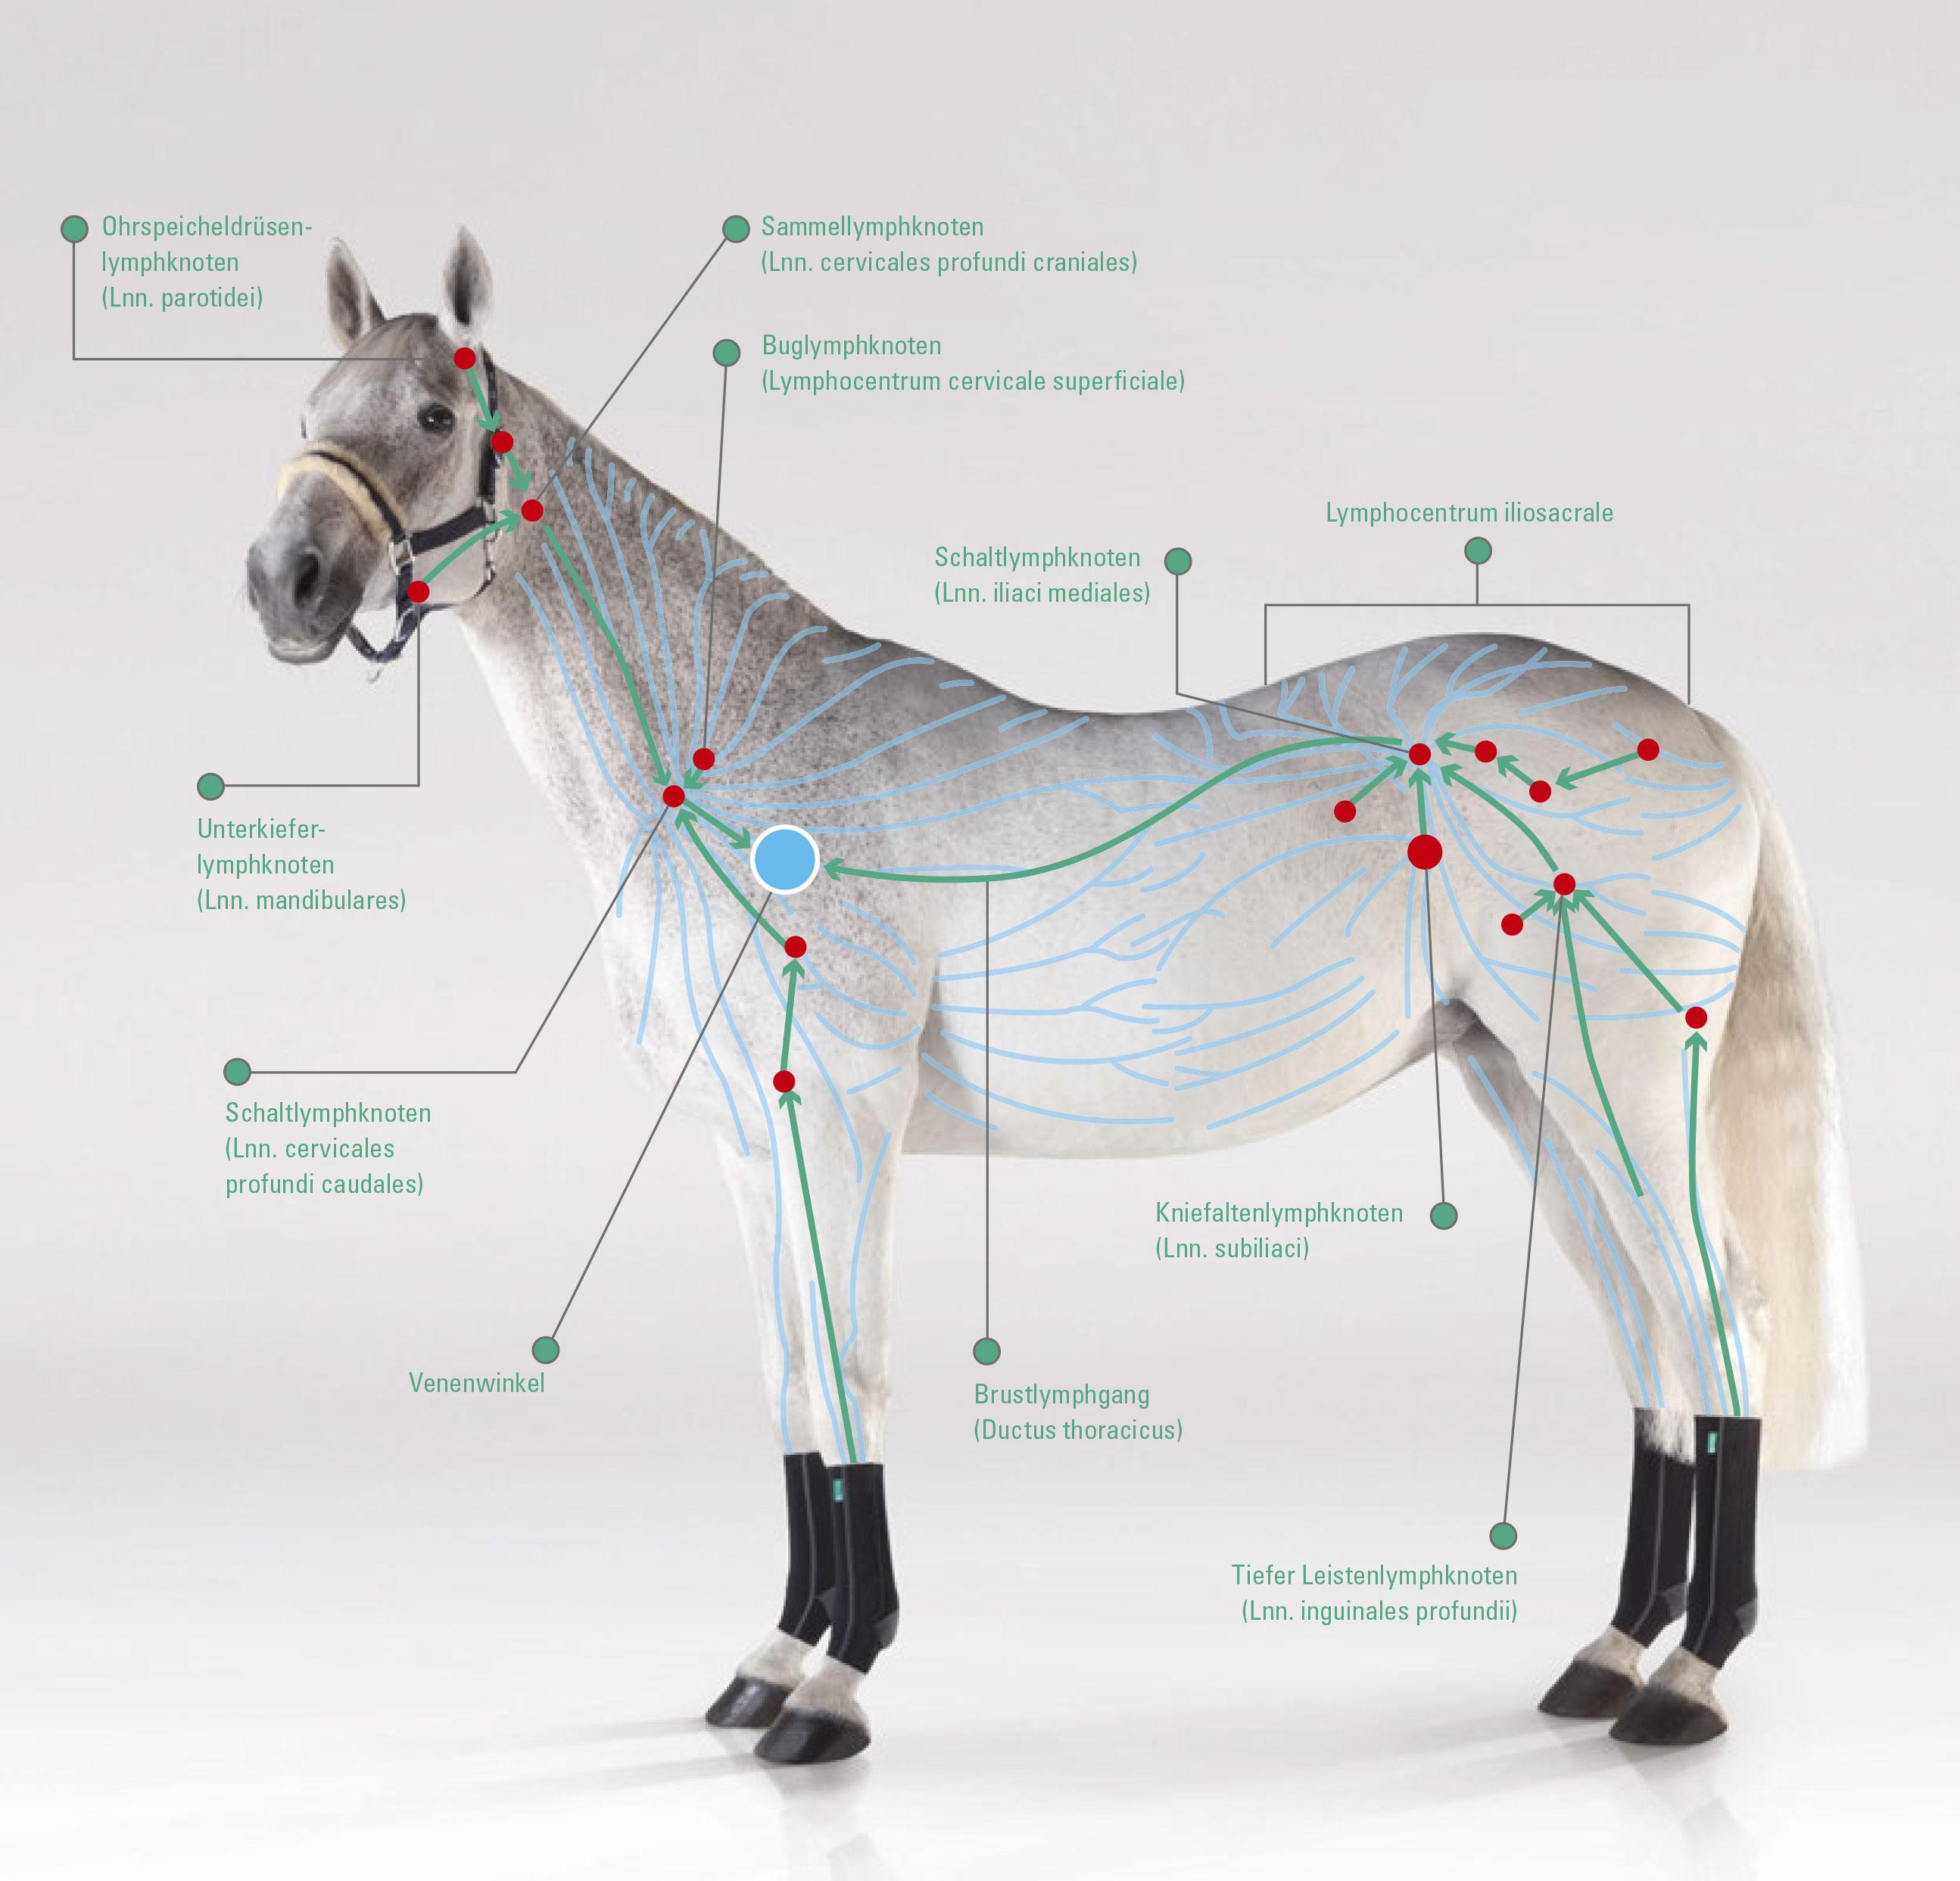 Lymphsystem des Pferdes - Lymphe, Lymphkreislauf und Wasserscheiden